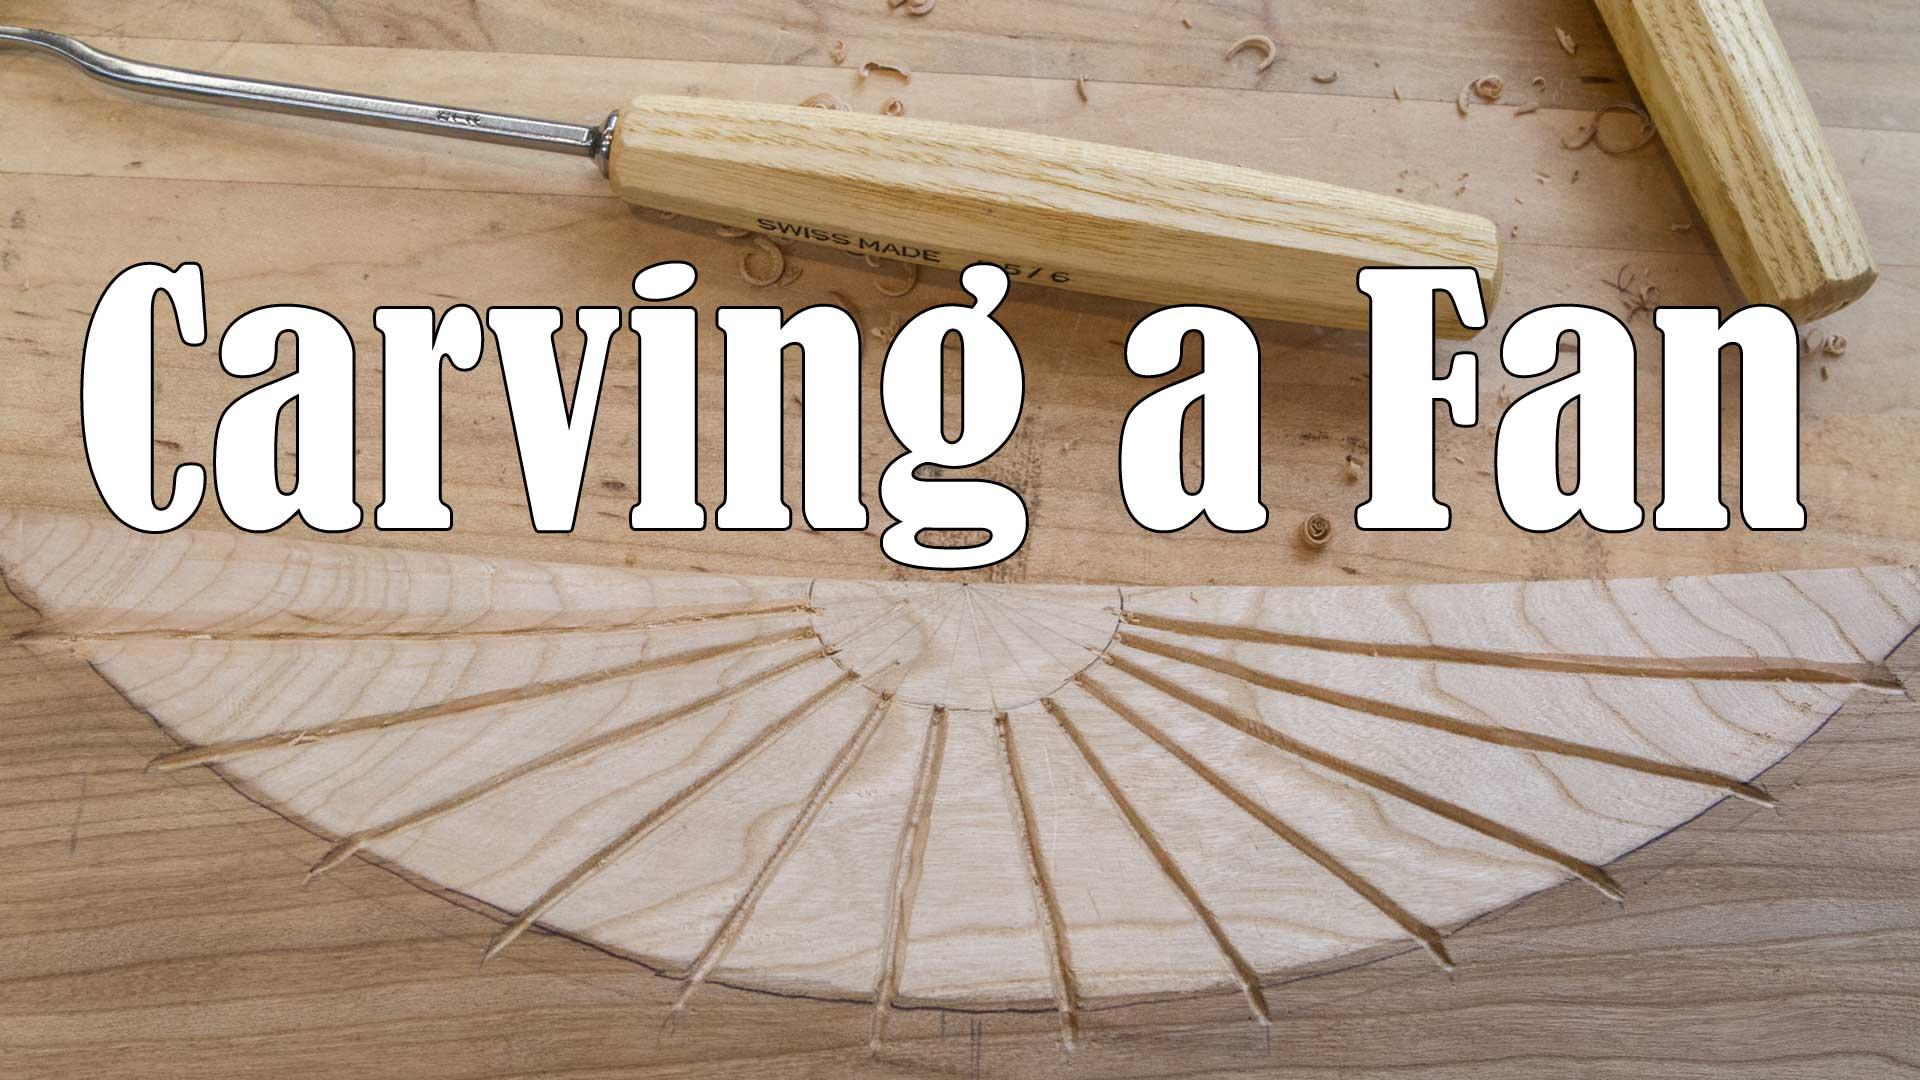 Carving a Concave Fan